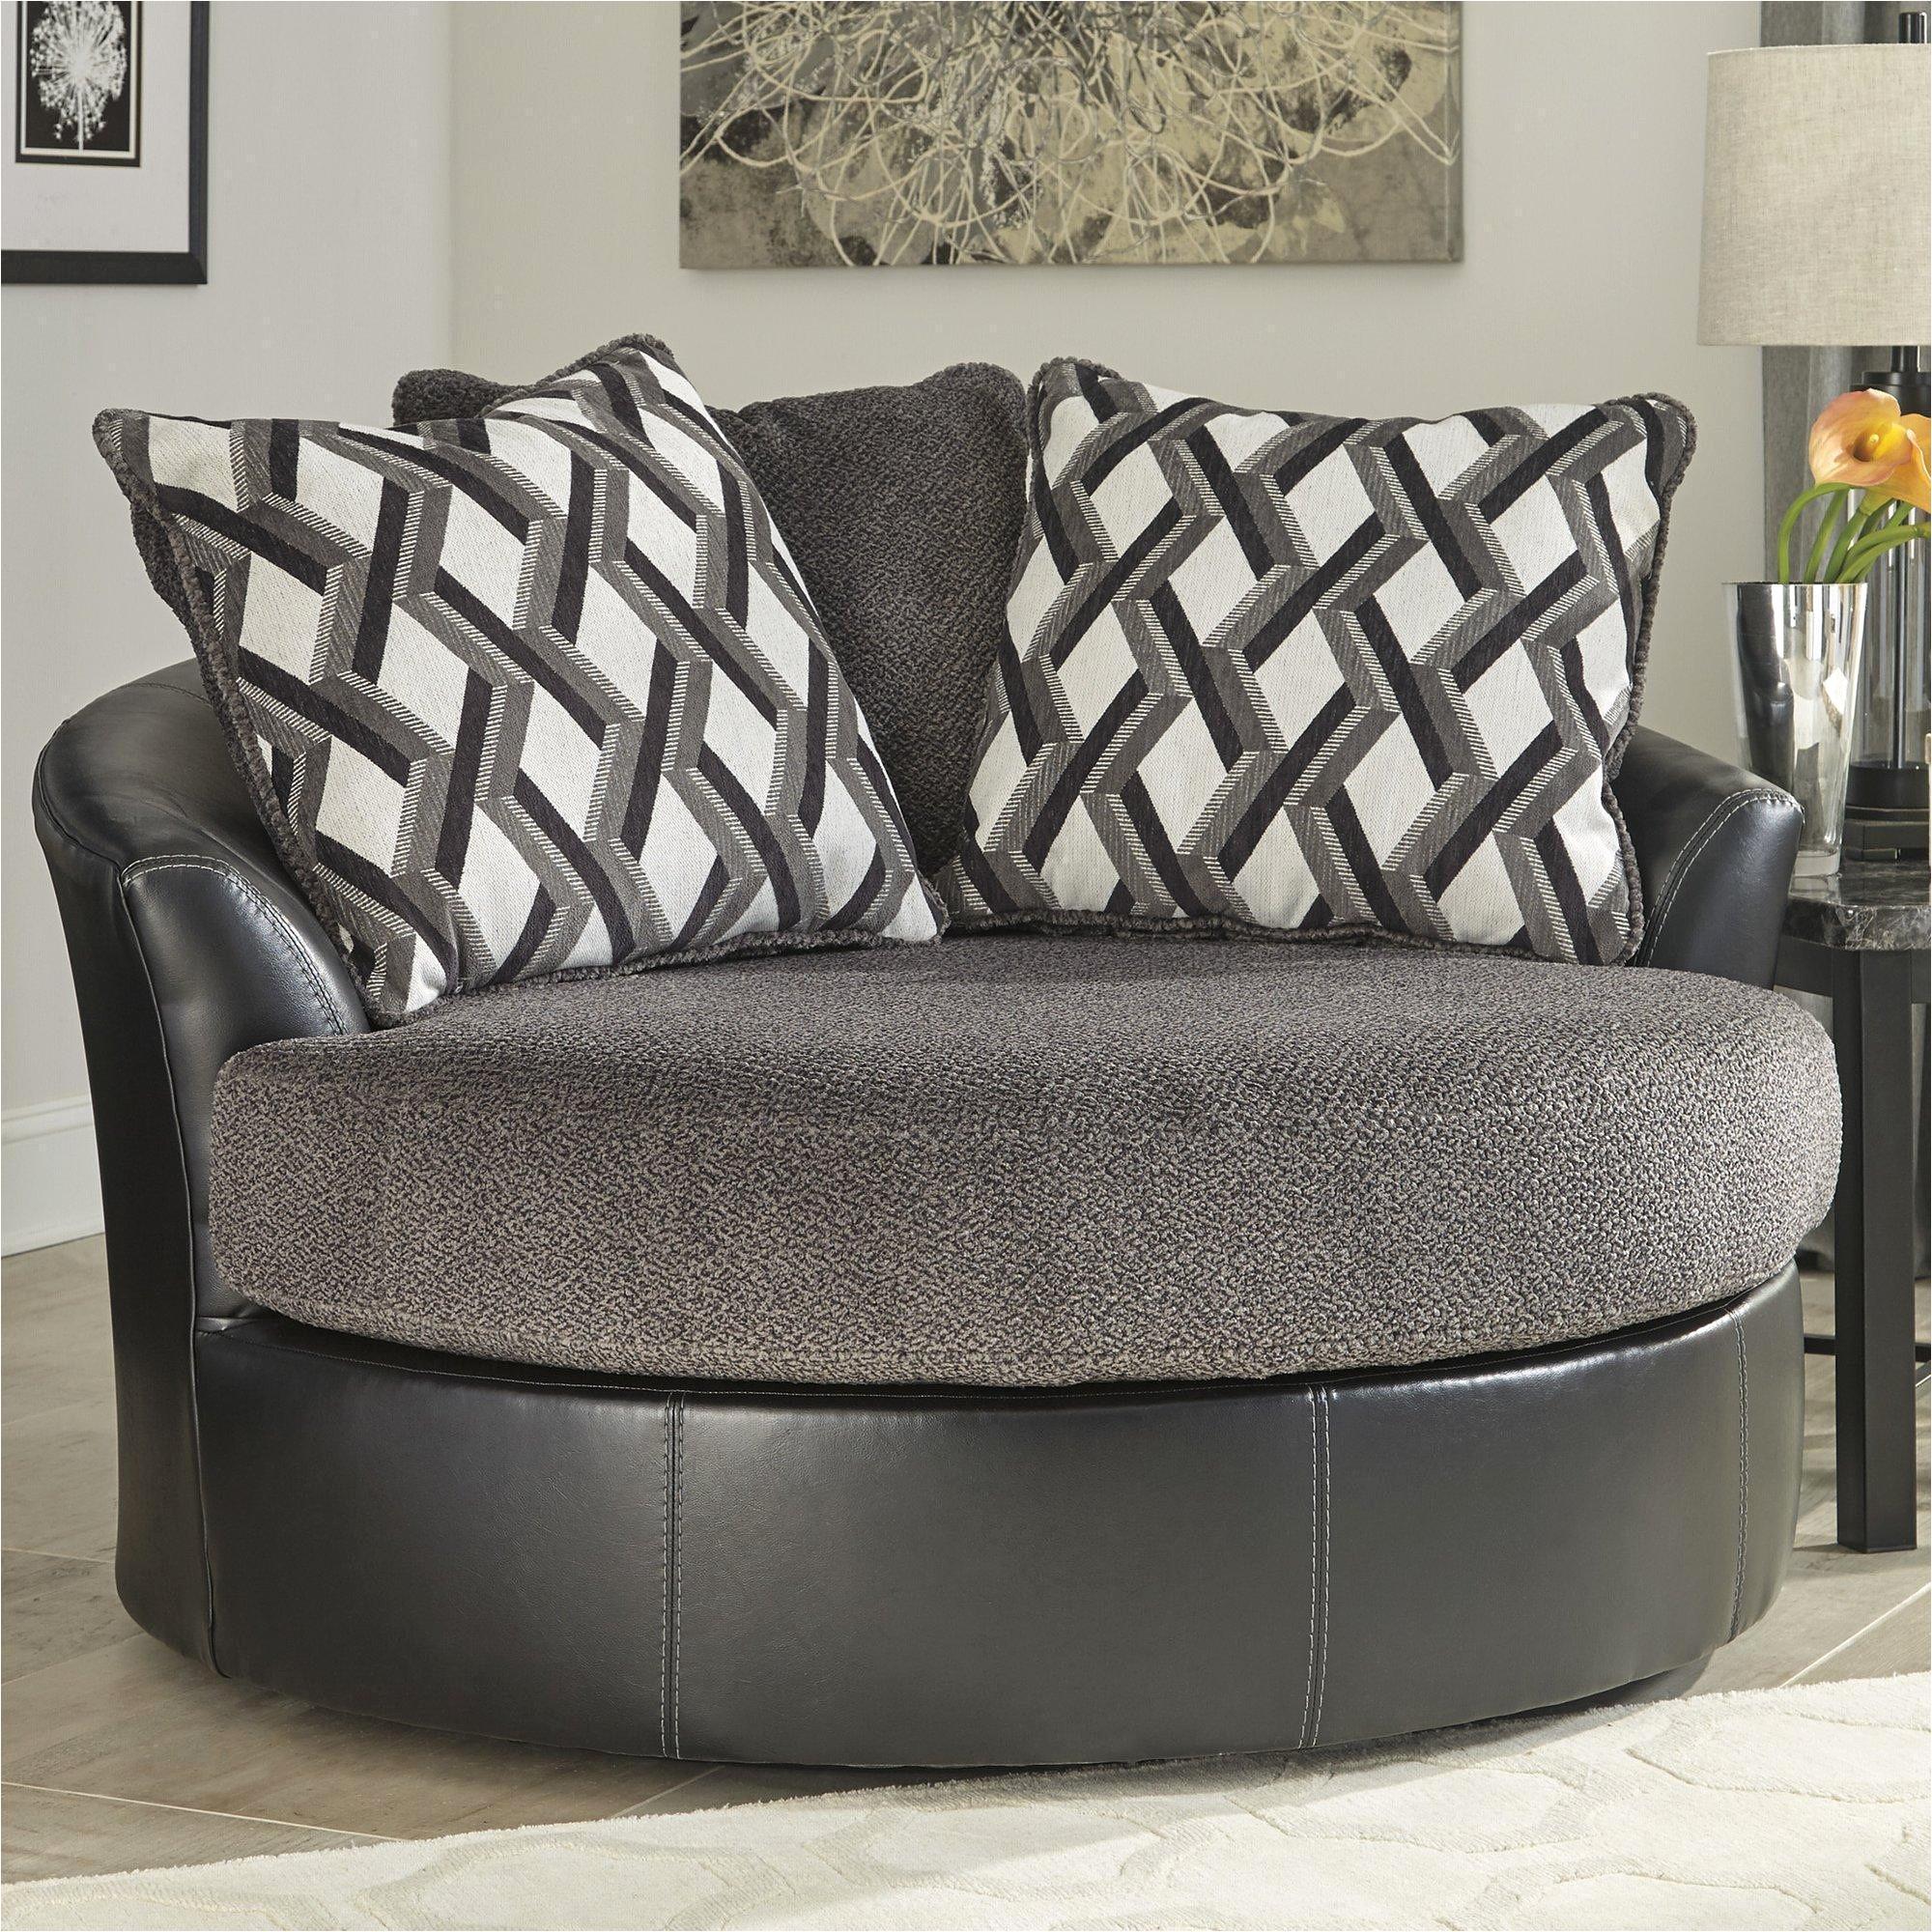 kleine couch ikea elegant 51 inspirational ikea norsborg sofa 51 s bilder